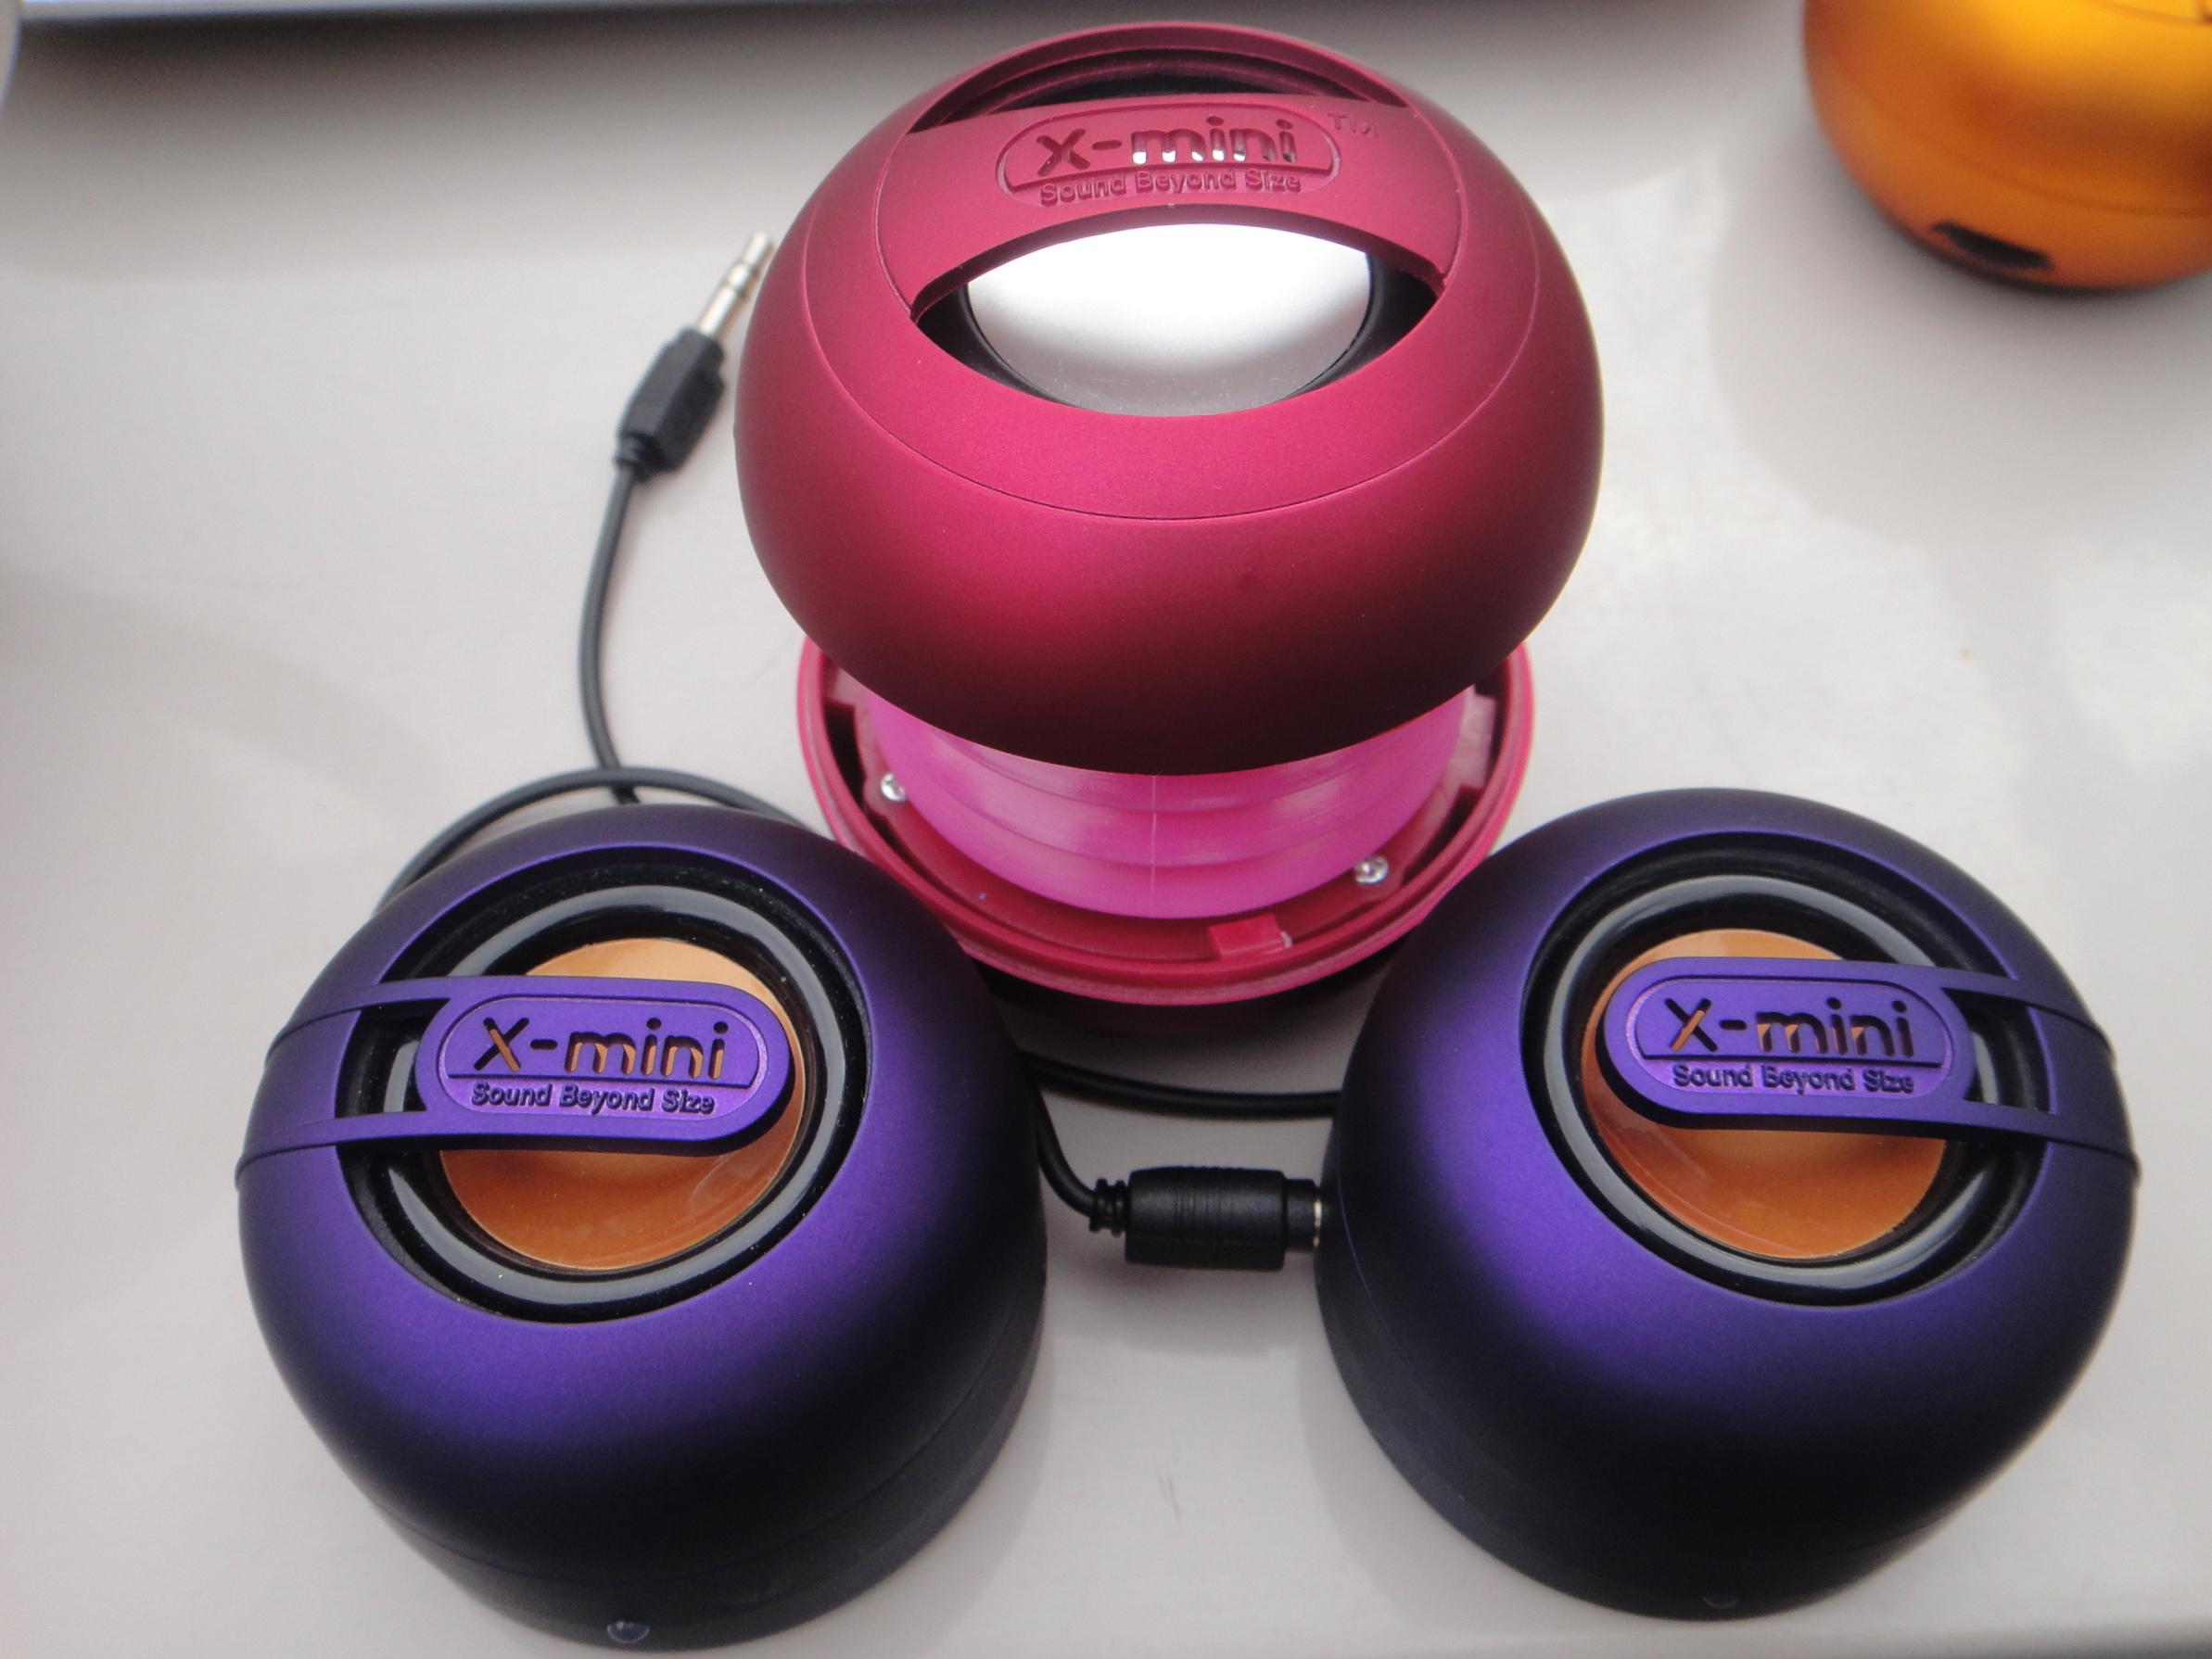 pink x-mini UNO (mono) & purple x-mini MAX (stereo) speakers / Lautsprecher